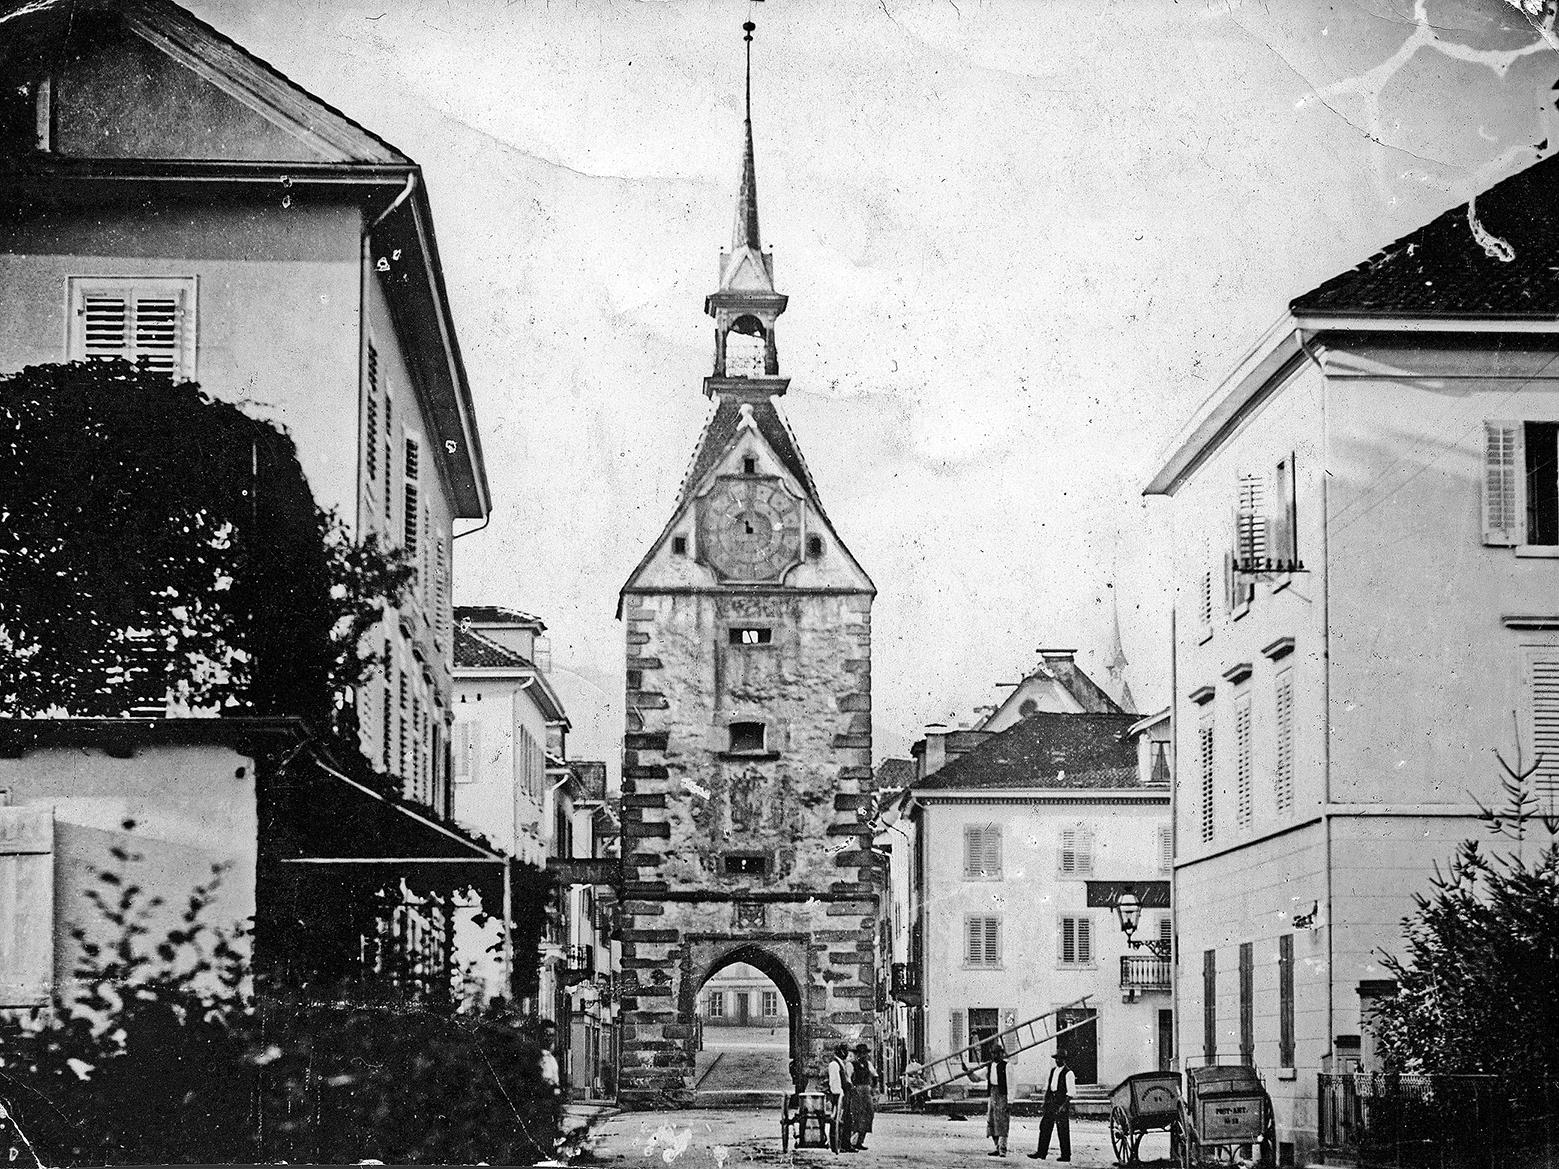 Ein Zug aus vergangener Zeit: Der Postplatz in Zug sah 1873 noch etwas anders aus.